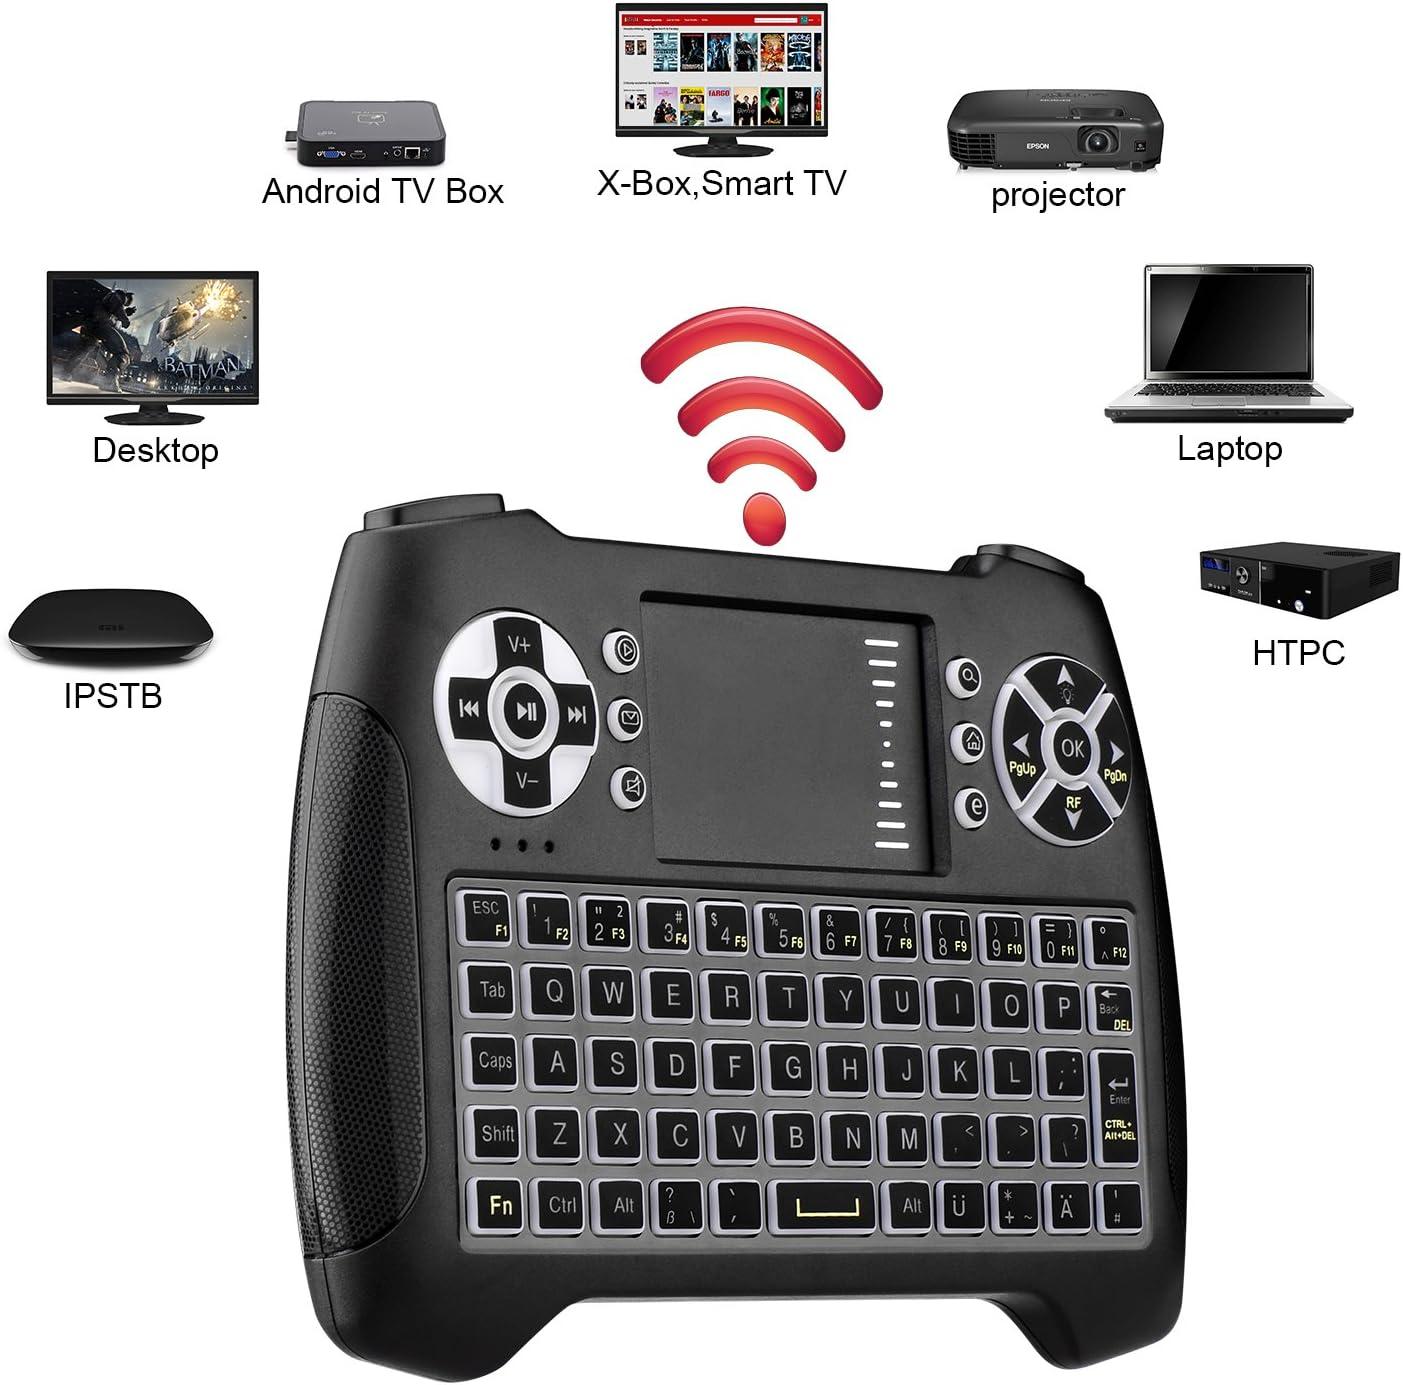 Miniteclado inalámbrico con panel táctil iluminado, con ratón, QWERTY de 2,4 GHz, control remoto, con USB, para Smart TV, HTPC, IPTV, Android TV Box, Xbox 360, PS3, PC y demás Englisch: Amazon.es: